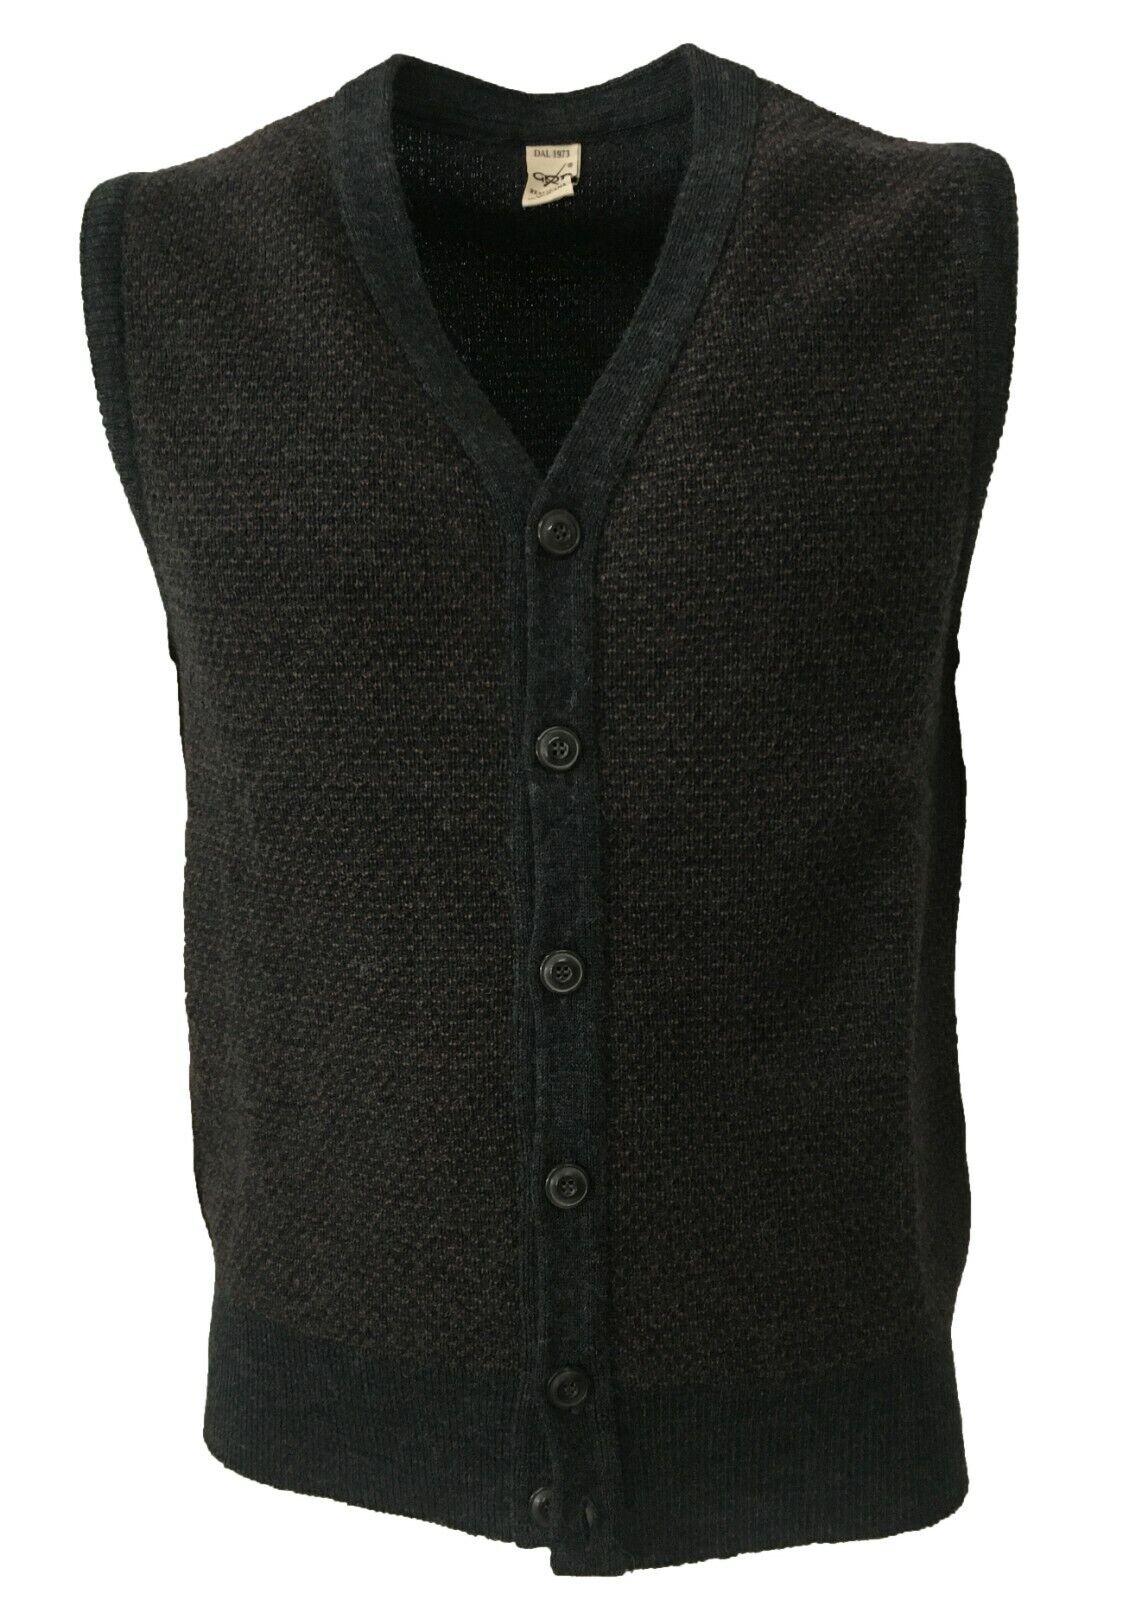 Weste Herren Gemustert Grau   MGold Gfk 100% Wolle Made in  Sf Tec 2 BiFarbe